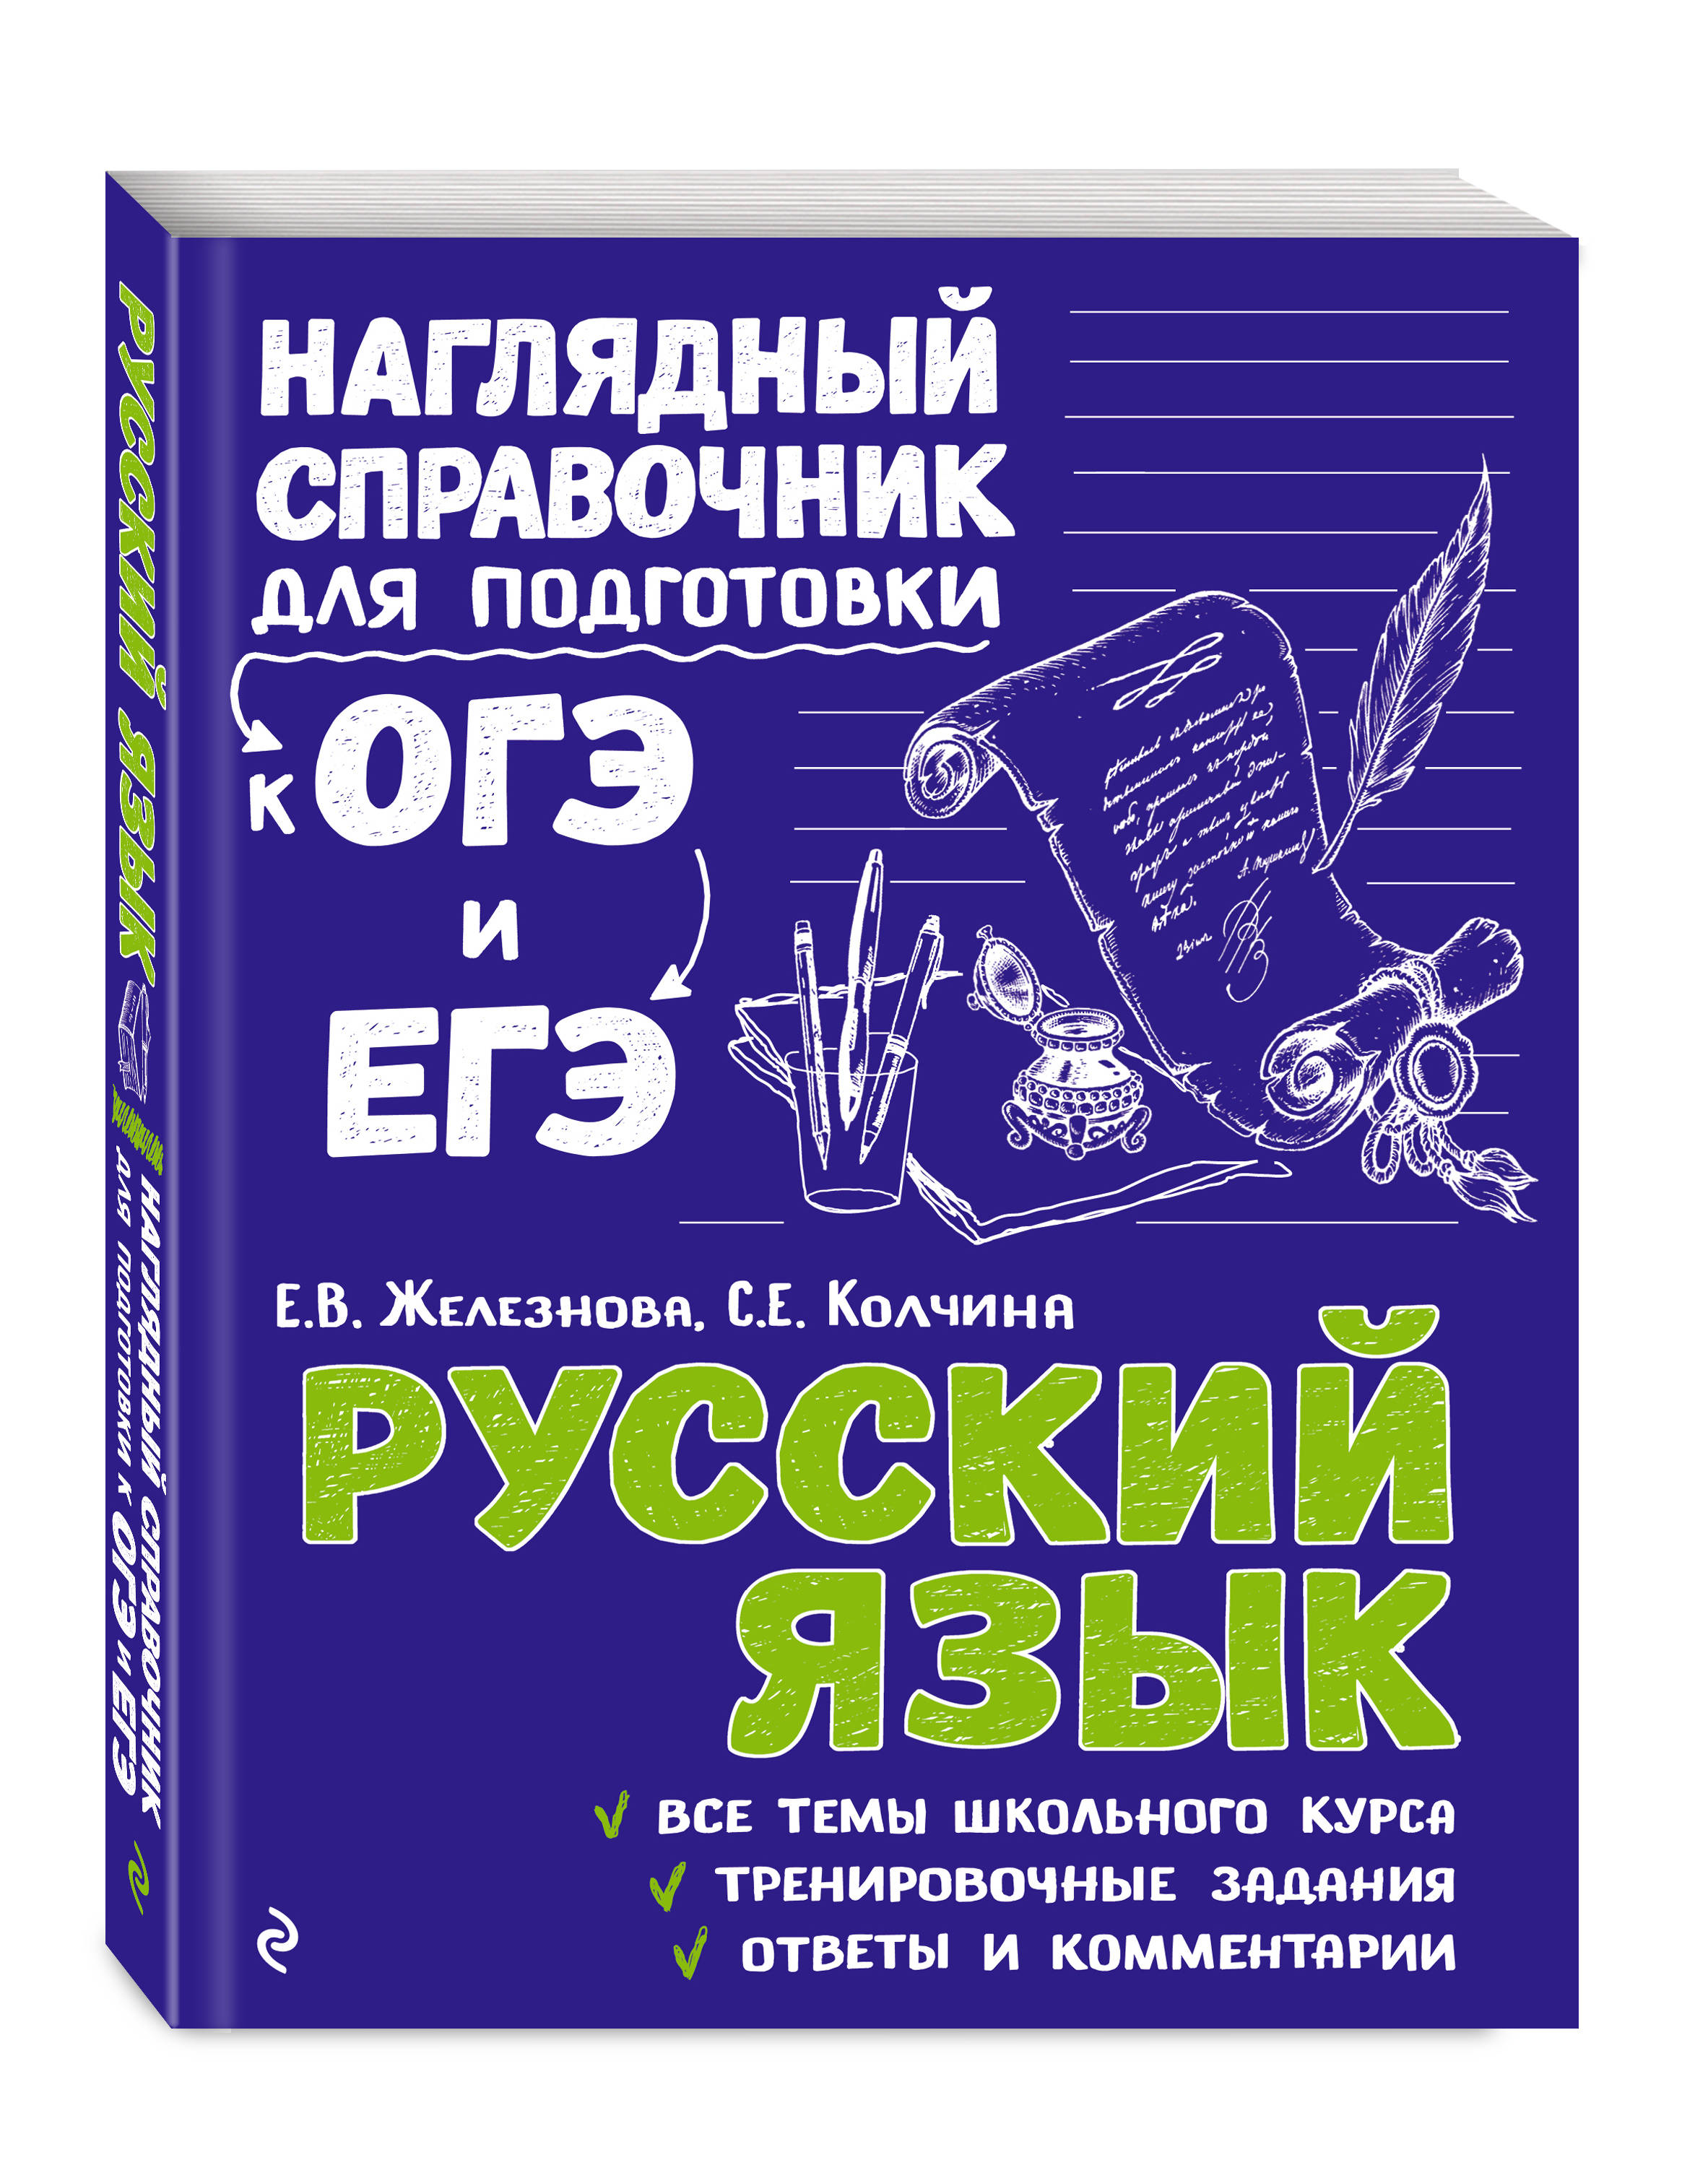 Е. В. Железнова, С. Е. Колчина Русский язык зеленев е и введение в востоковедение общий курс